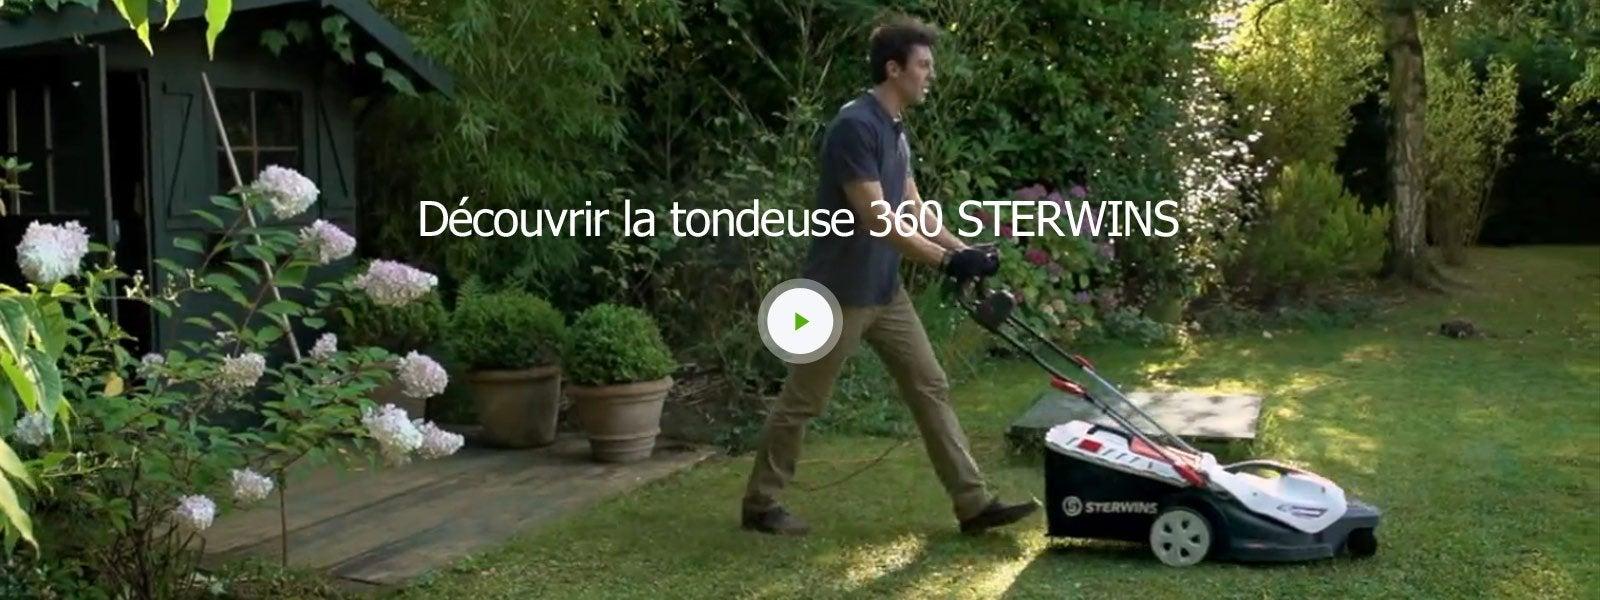 Vidéo Découvrir Tondeuse 360° Sterwins